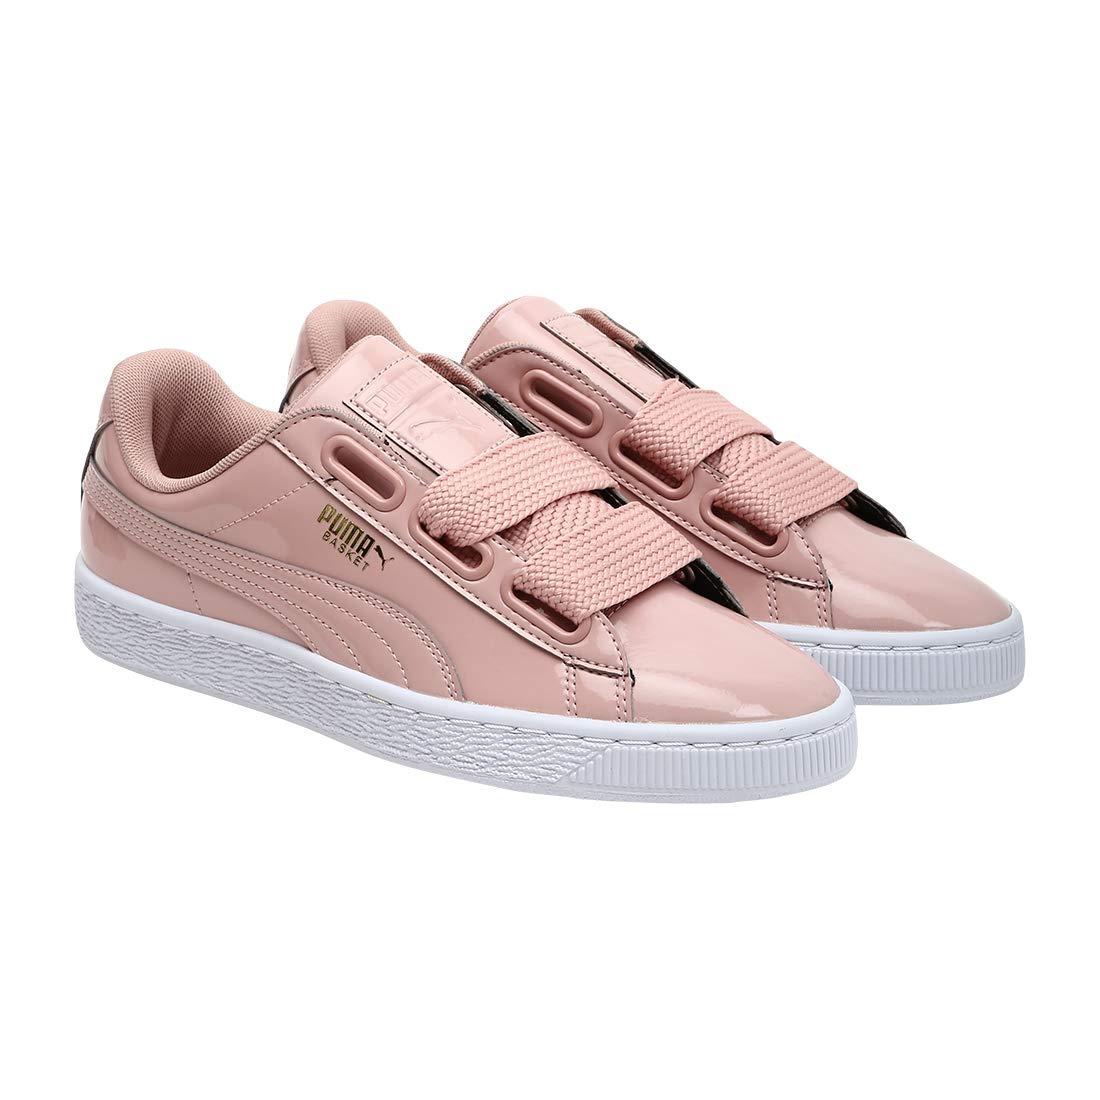 7deabfddebe30 Puma Women's Basket Heart Patent Wn S Sneakers